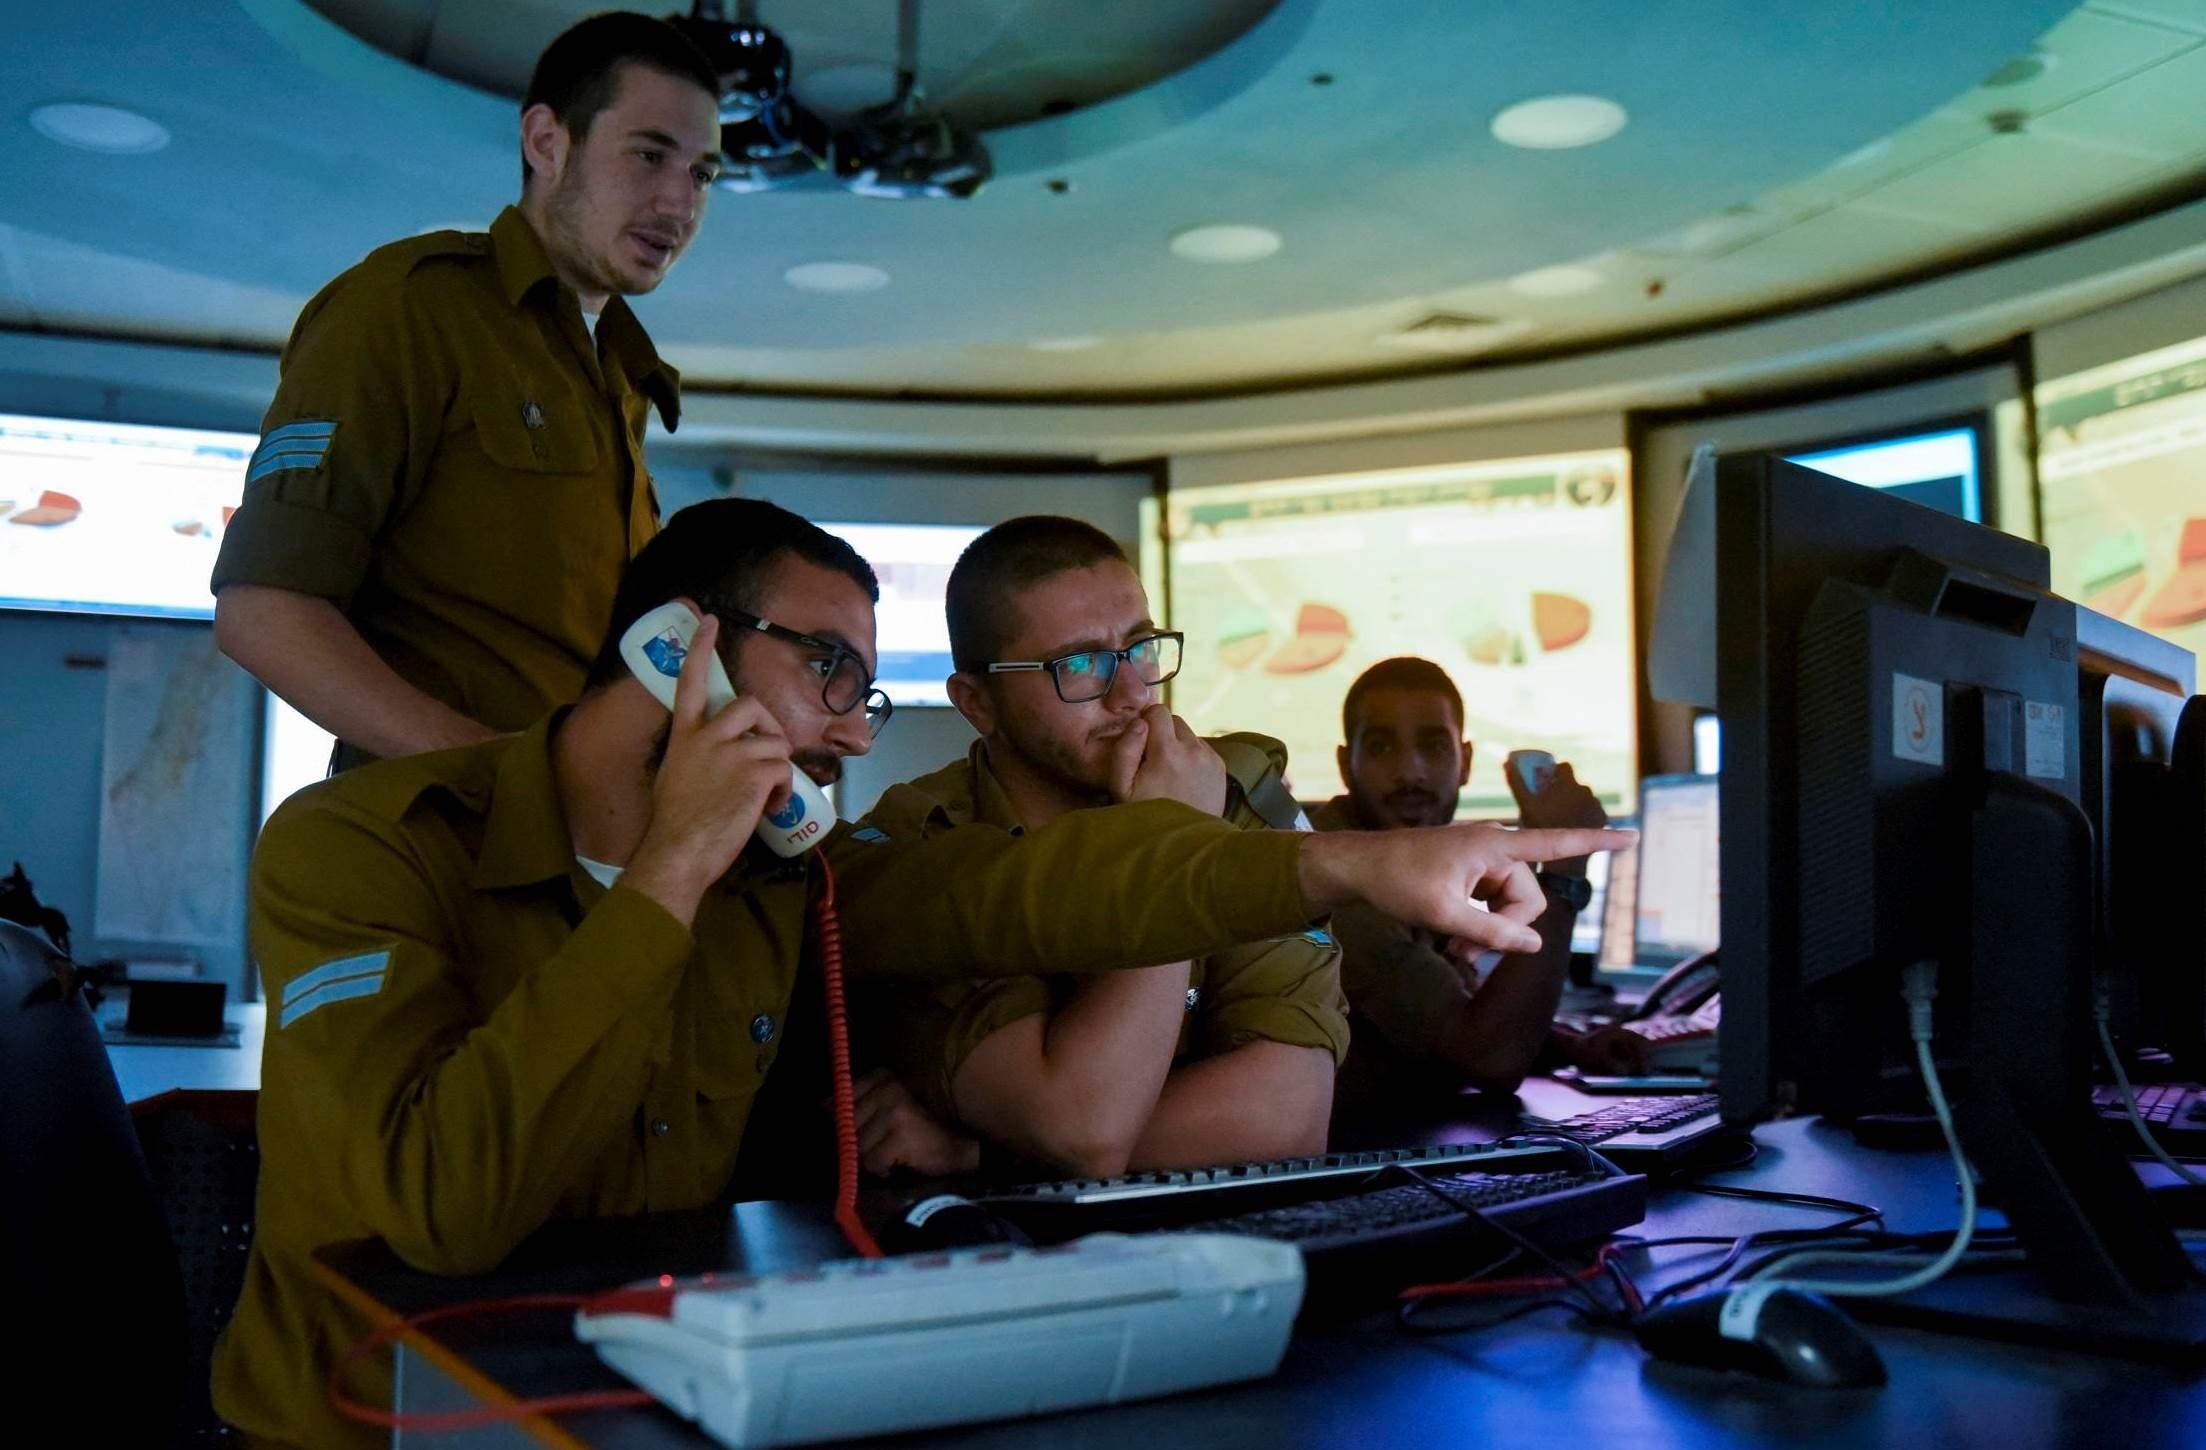 تقرير إسرائيلي: شبكة التهديدات في السعودية تتداخل بشكل كبير مع شبكة التهديدات الإسرائيلية